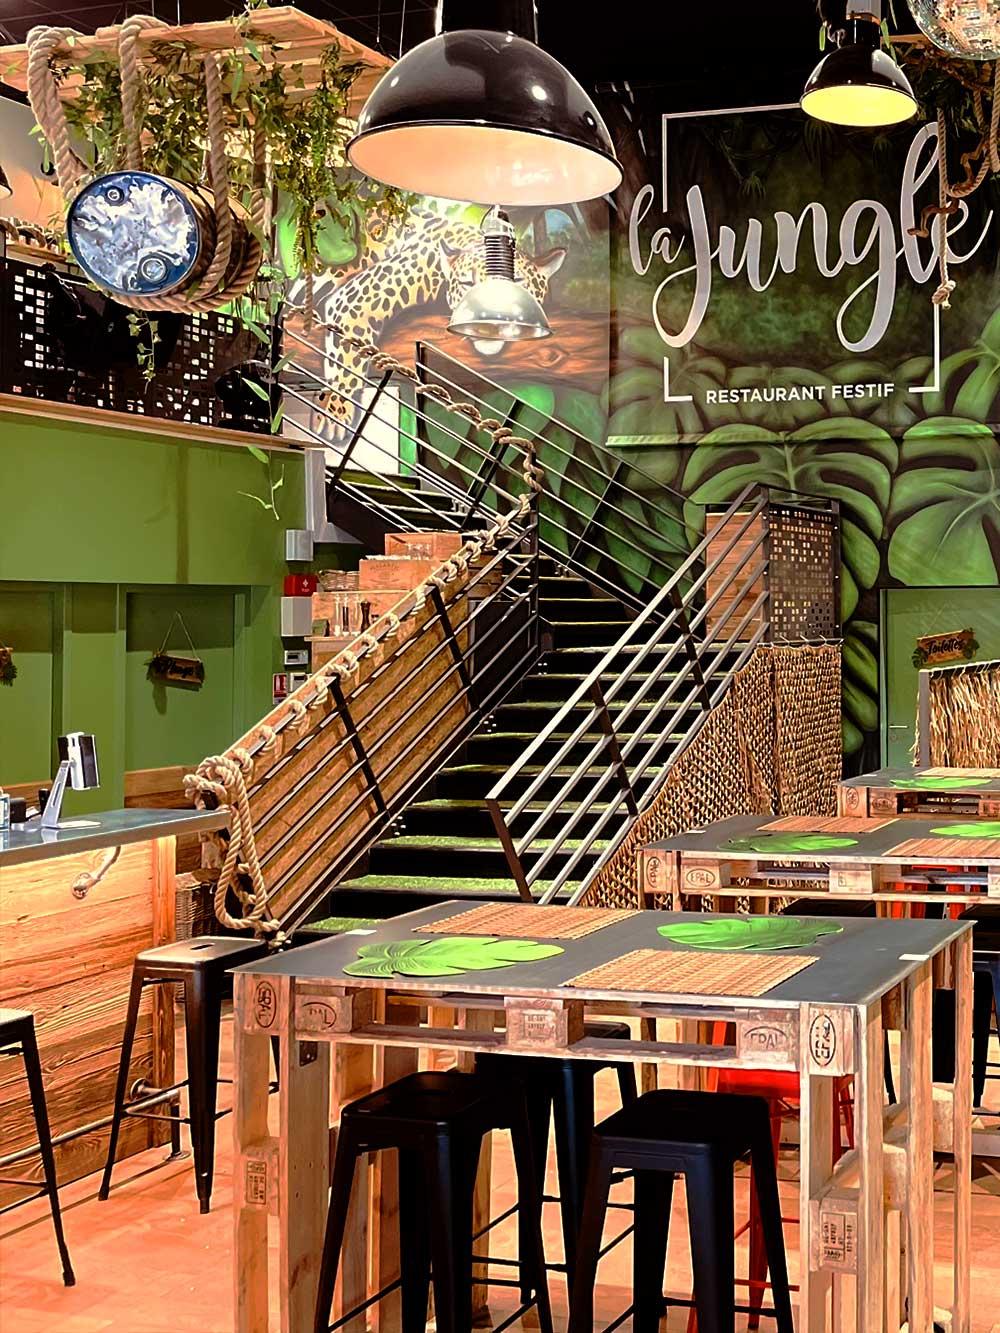 restaurant festif La Jungle